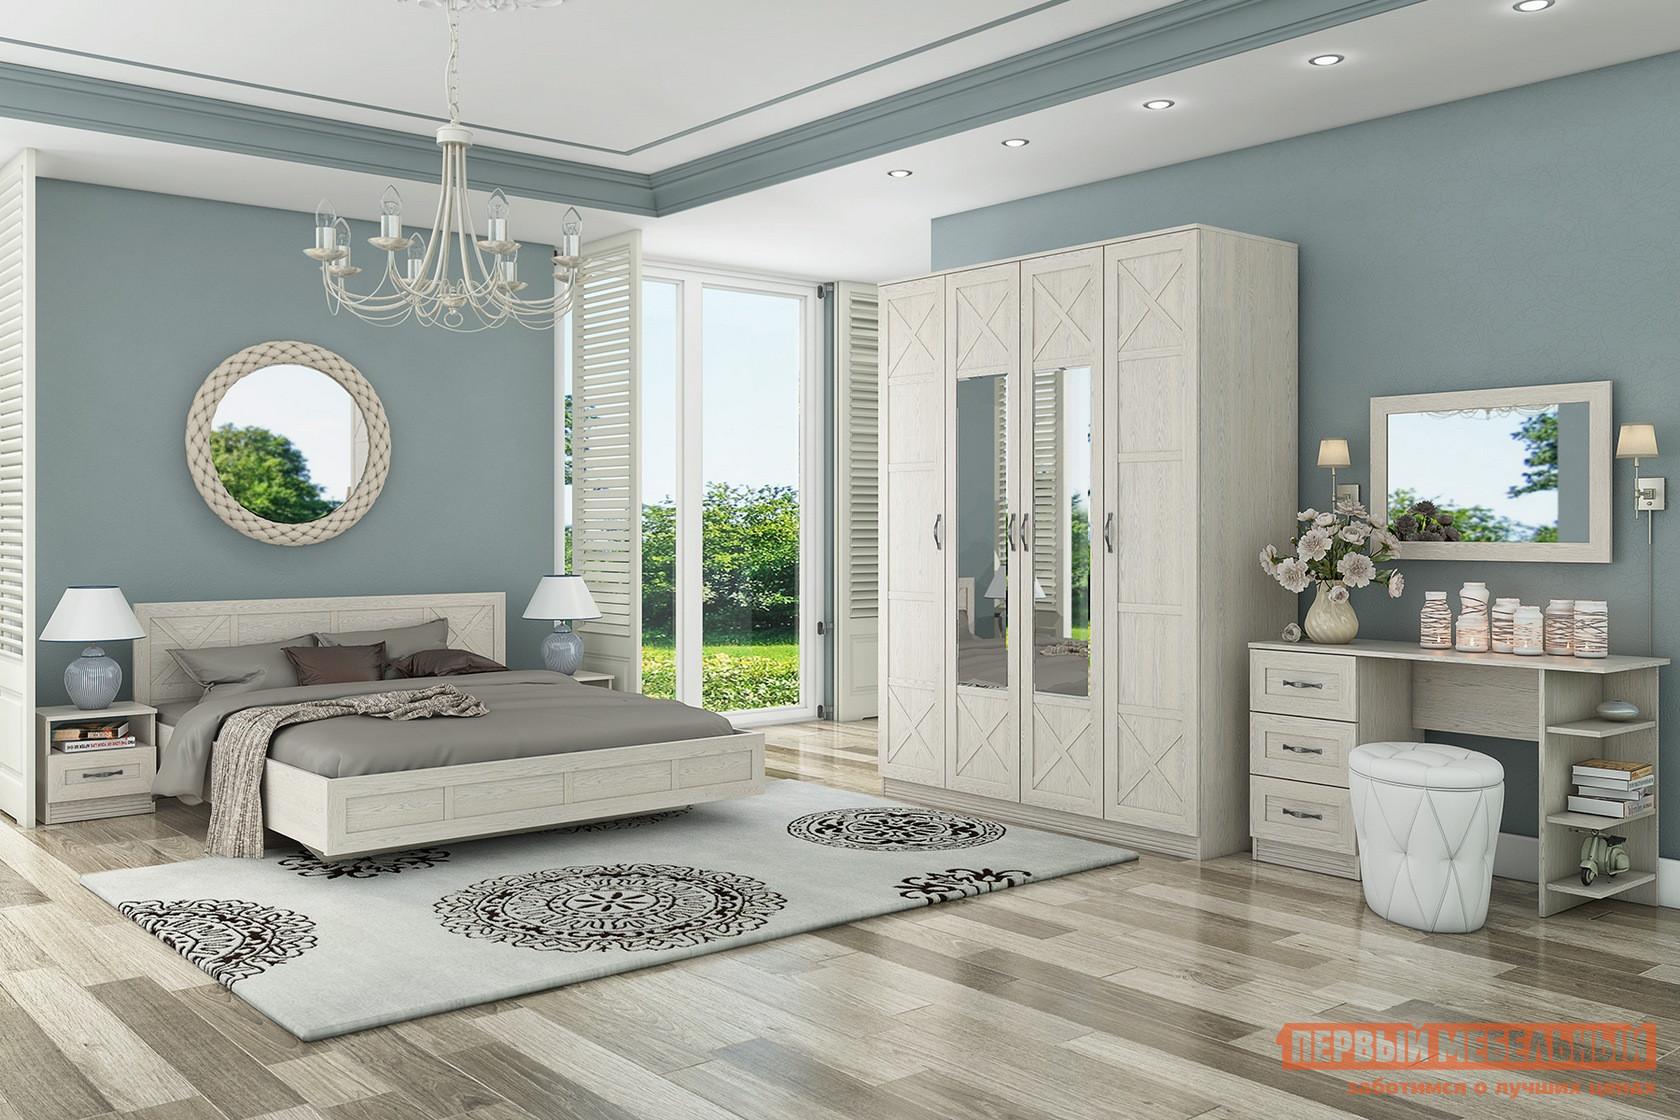 Спальный гарнитур СтолЛайн Лозанна К1 спальный гарнитур мебельсон виктория 1 к1